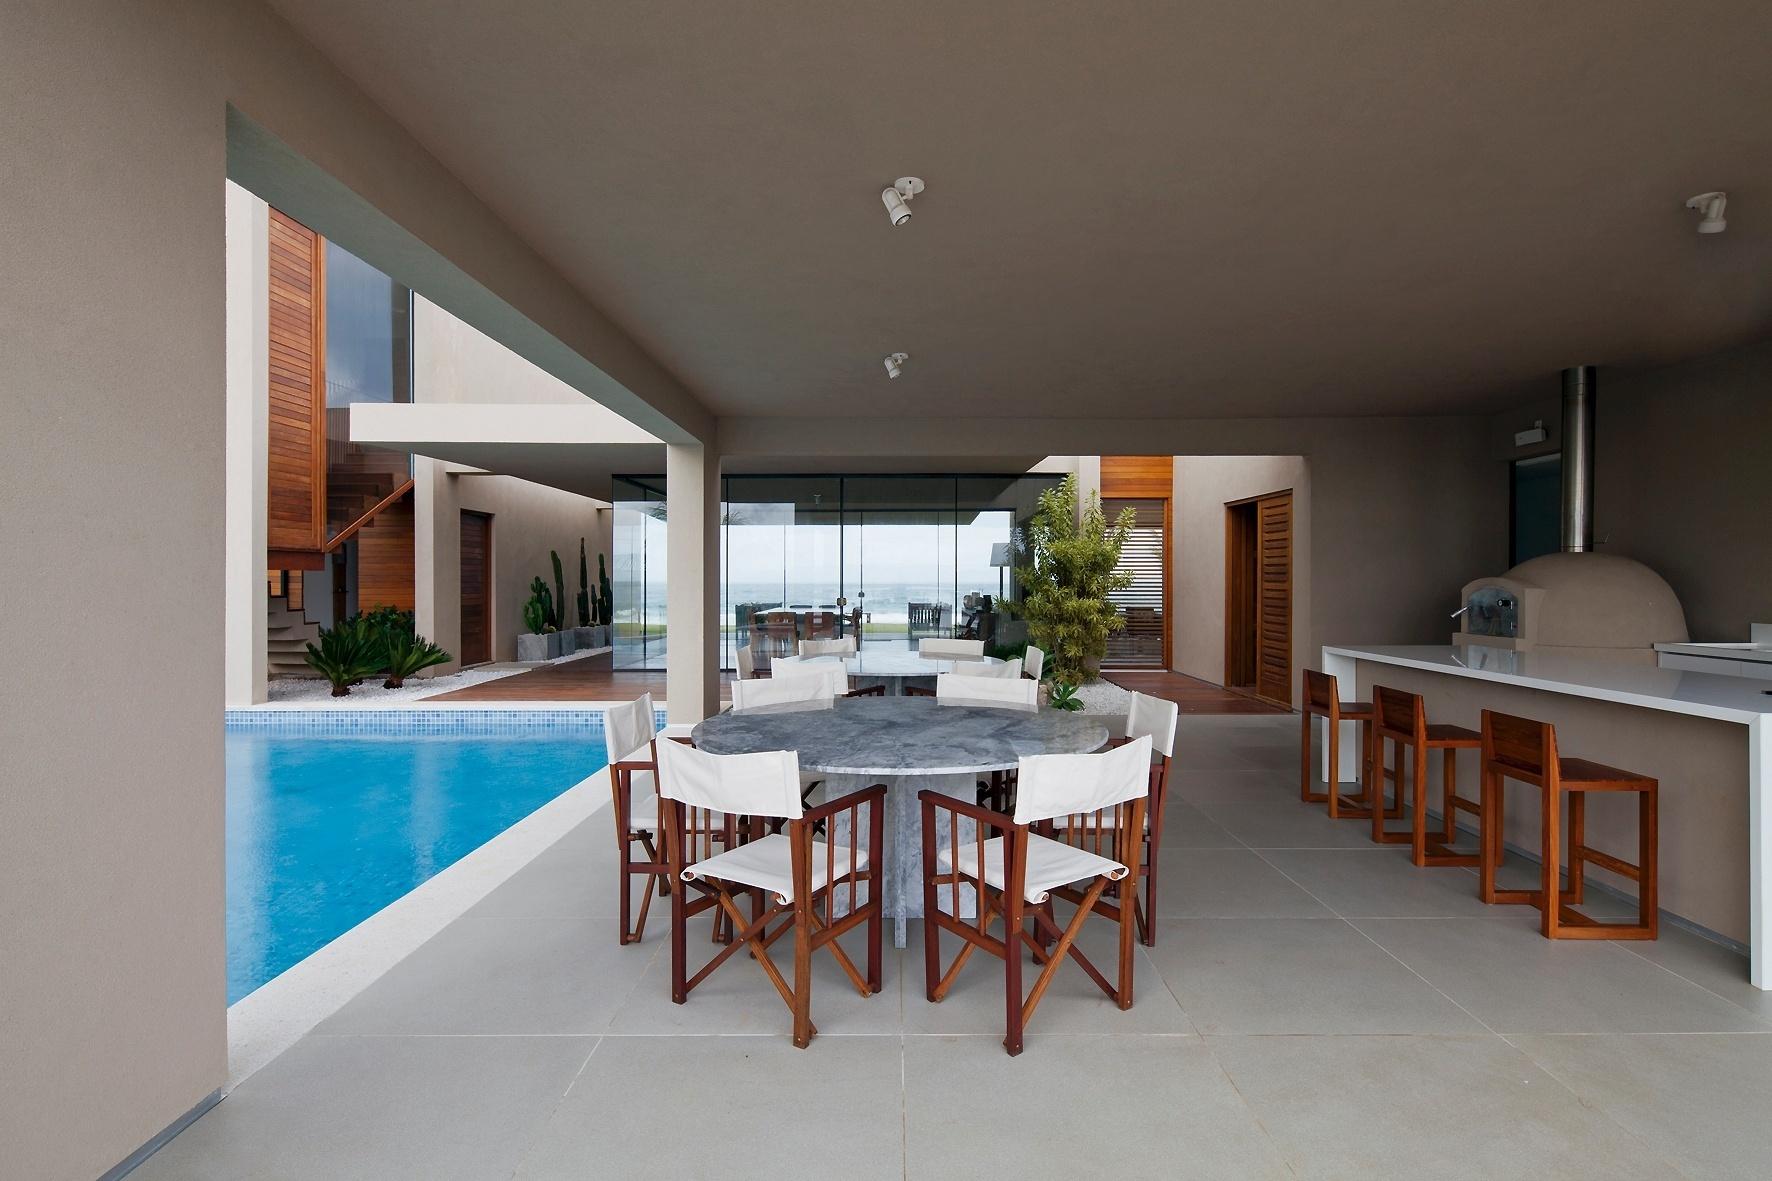 A varanda e o espaço gourmet têm cobertura e estão voltados para a piscina. De qualquer dos dois ambientes é possível avistar o mar ou uma lagoa. A Casa da Praia dos Lagos tem projeto do escritório Sotero Arquitetos